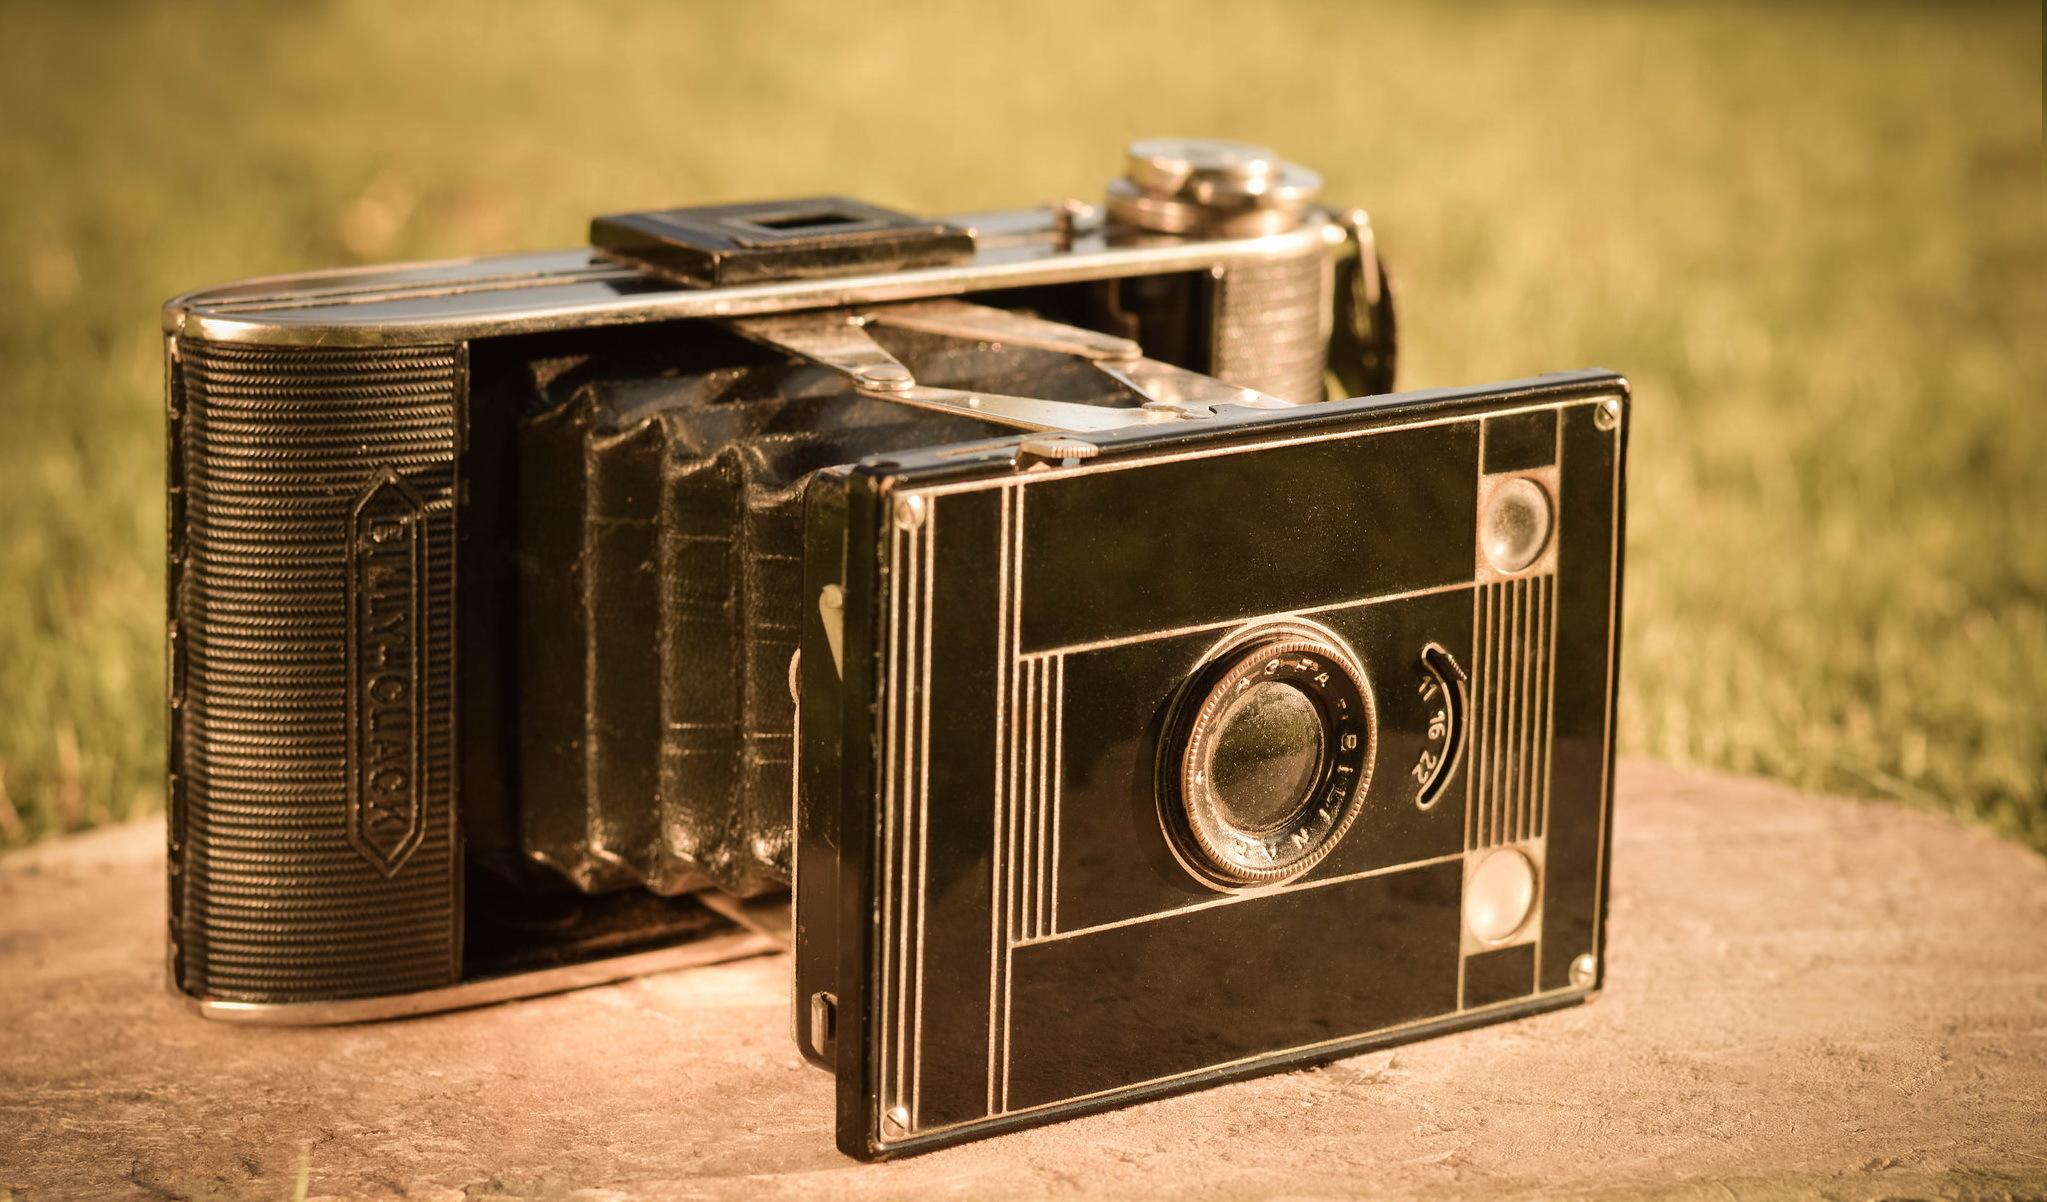 Construction humaine appareil photo vintage fond d 39 cran for Ecran appareil photo